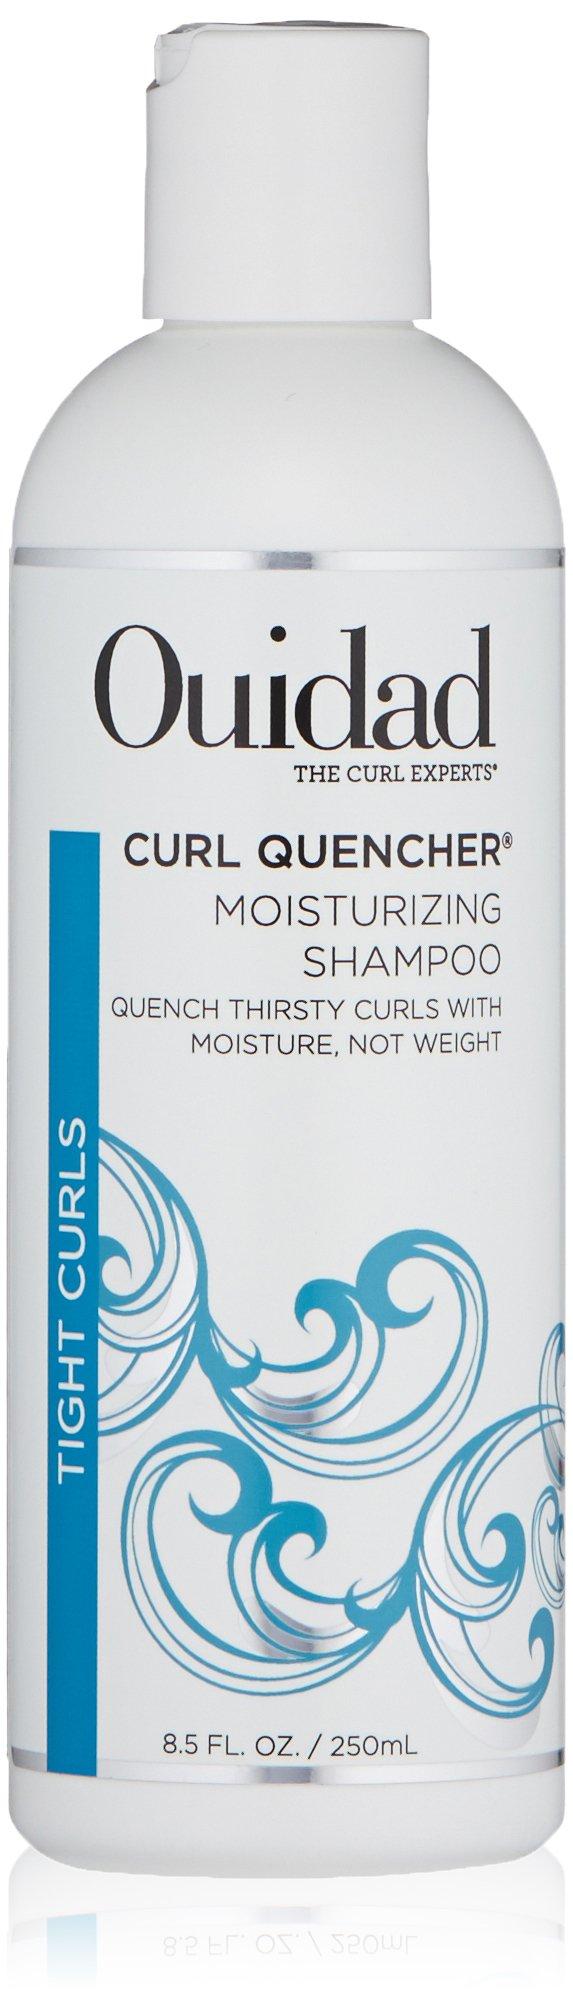 Ouidad Curl Quencher Moisturizing Shampoo, 8.5 Fl Oz